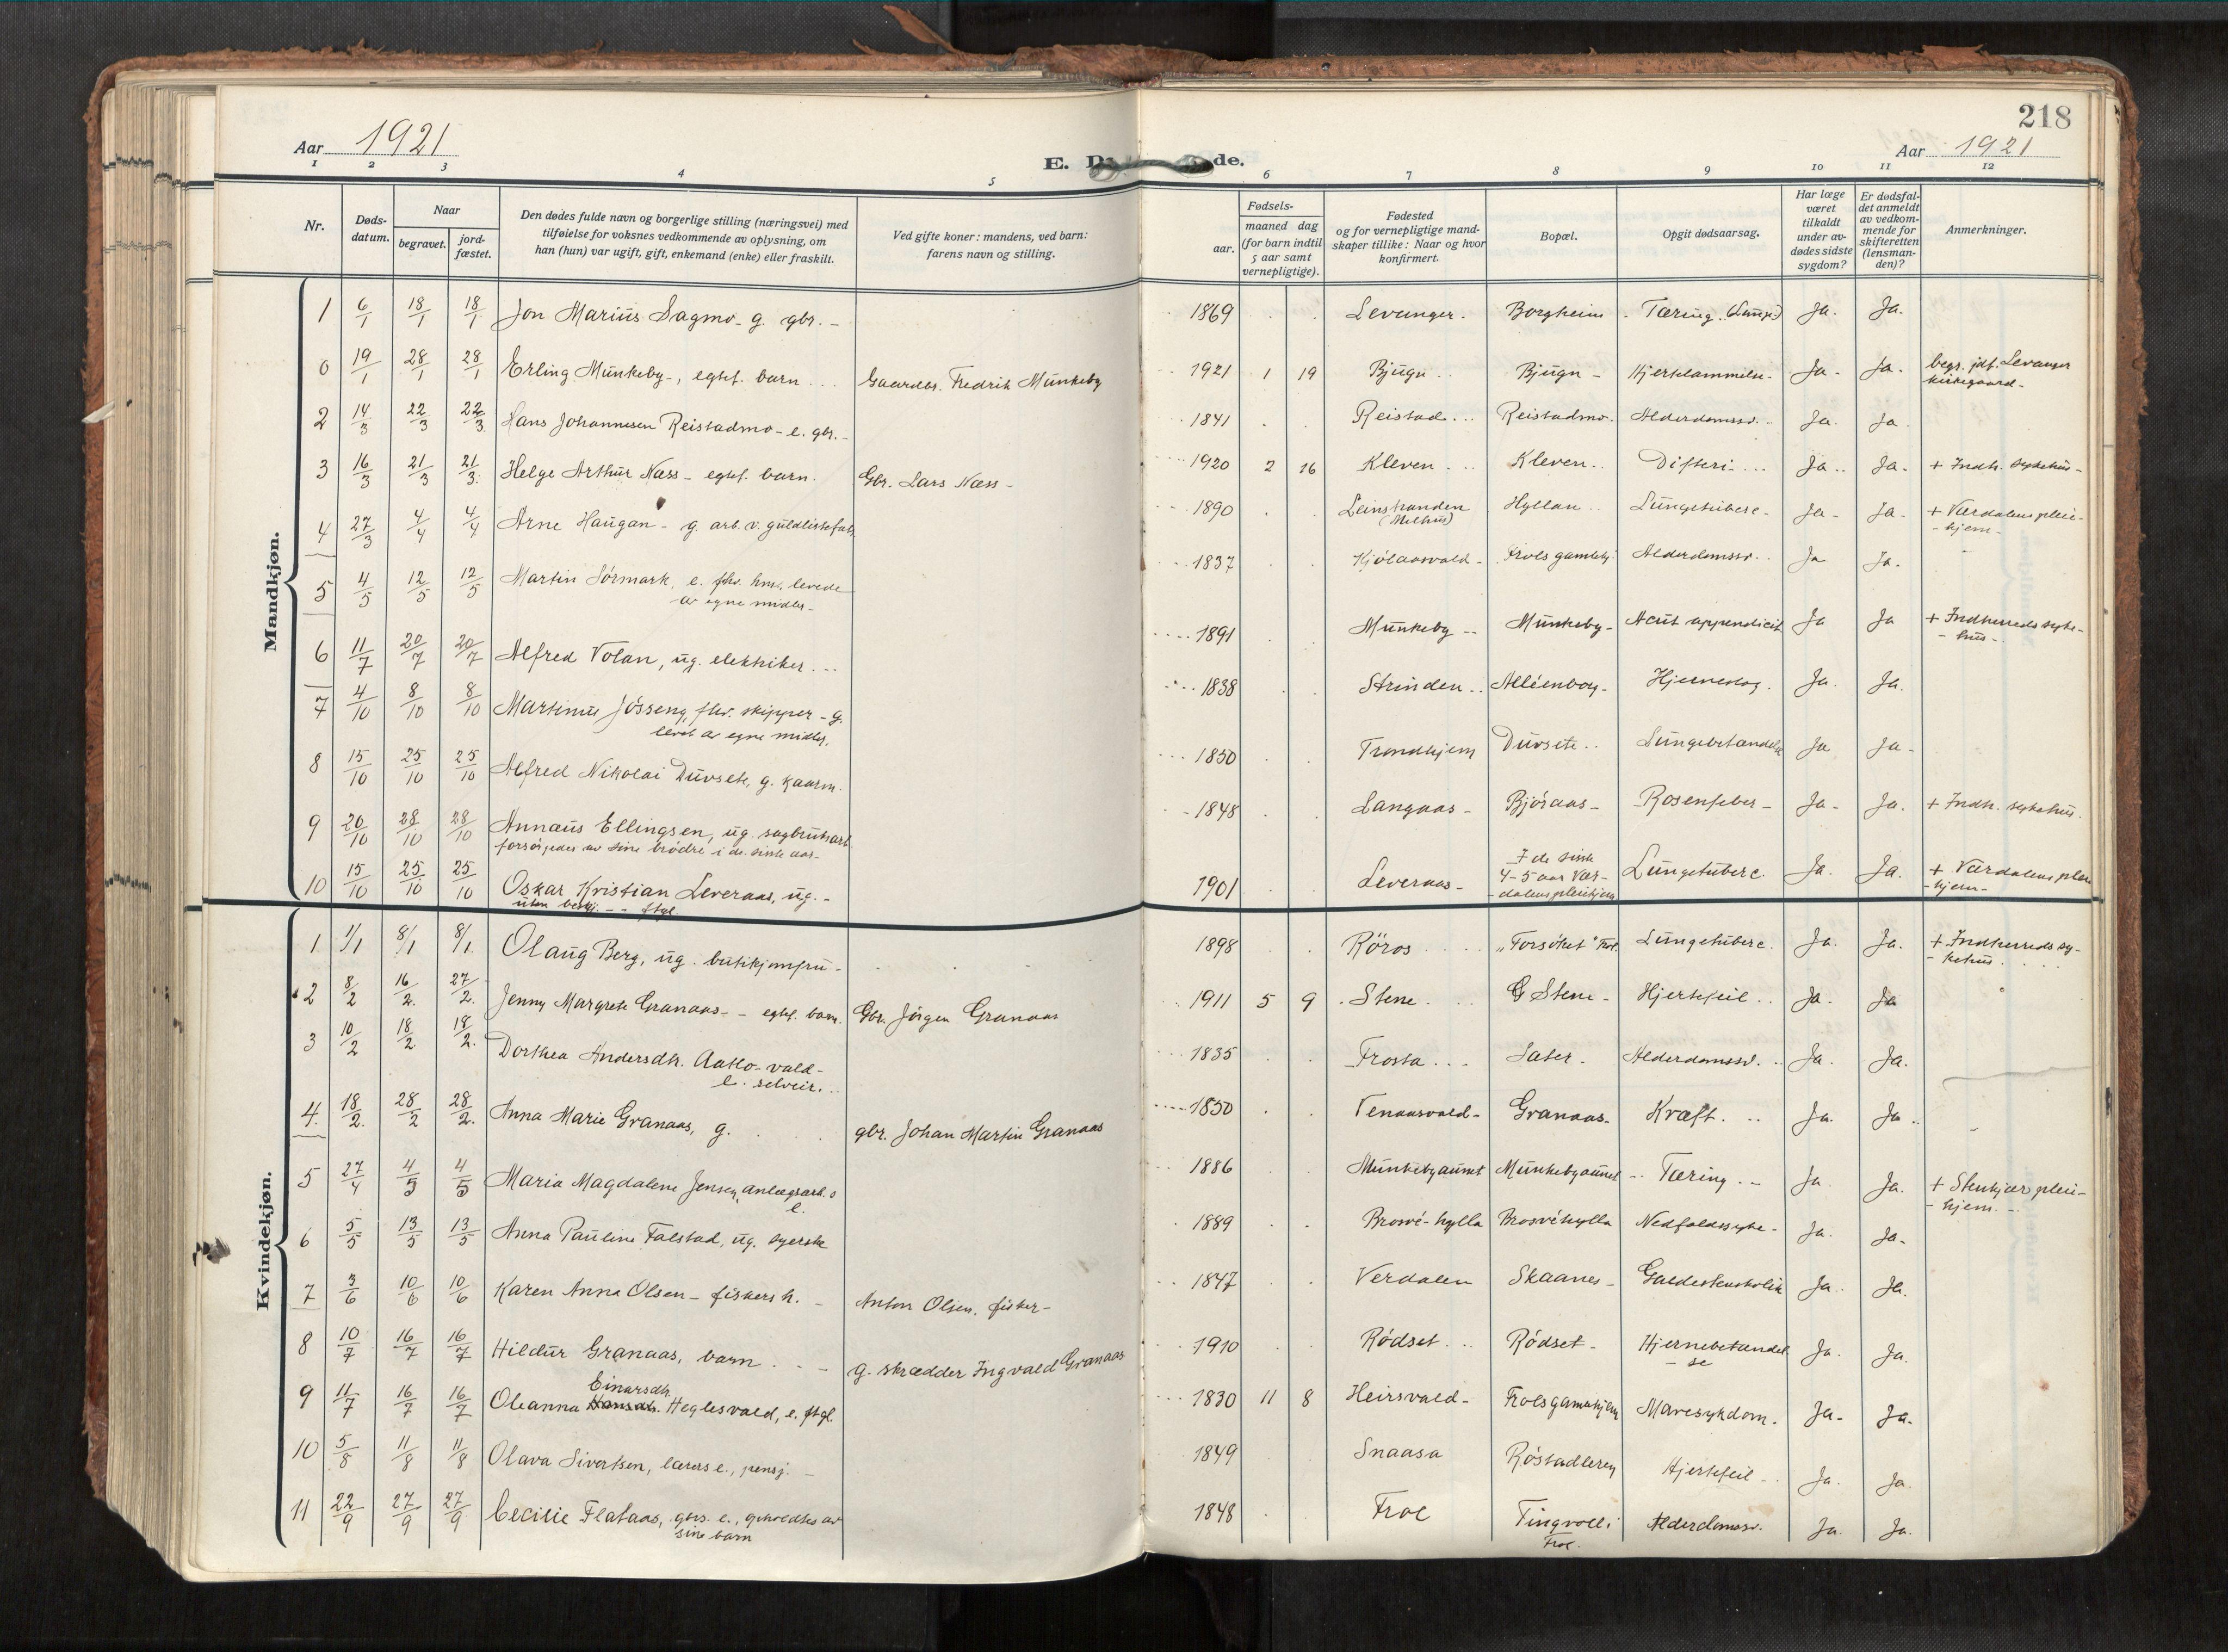 SAT, Levanger sokneprestkontor*, Ministerialbok nr. 1, 1912-1935, s. 218